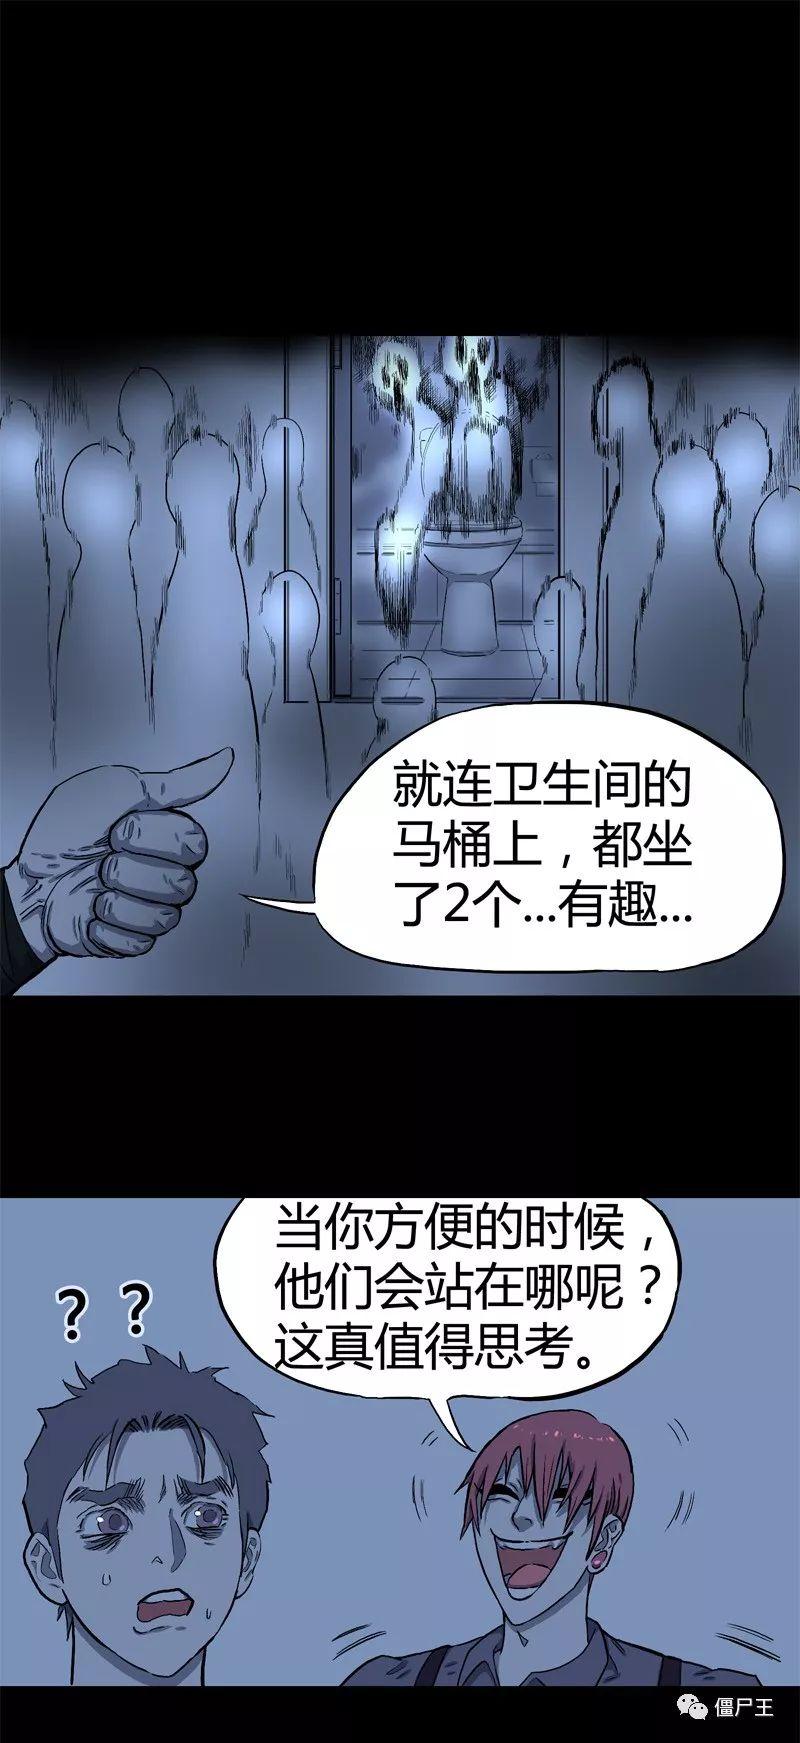 恐怖漫画:怪谈 - 特别篇 房子(下)-僵尸王